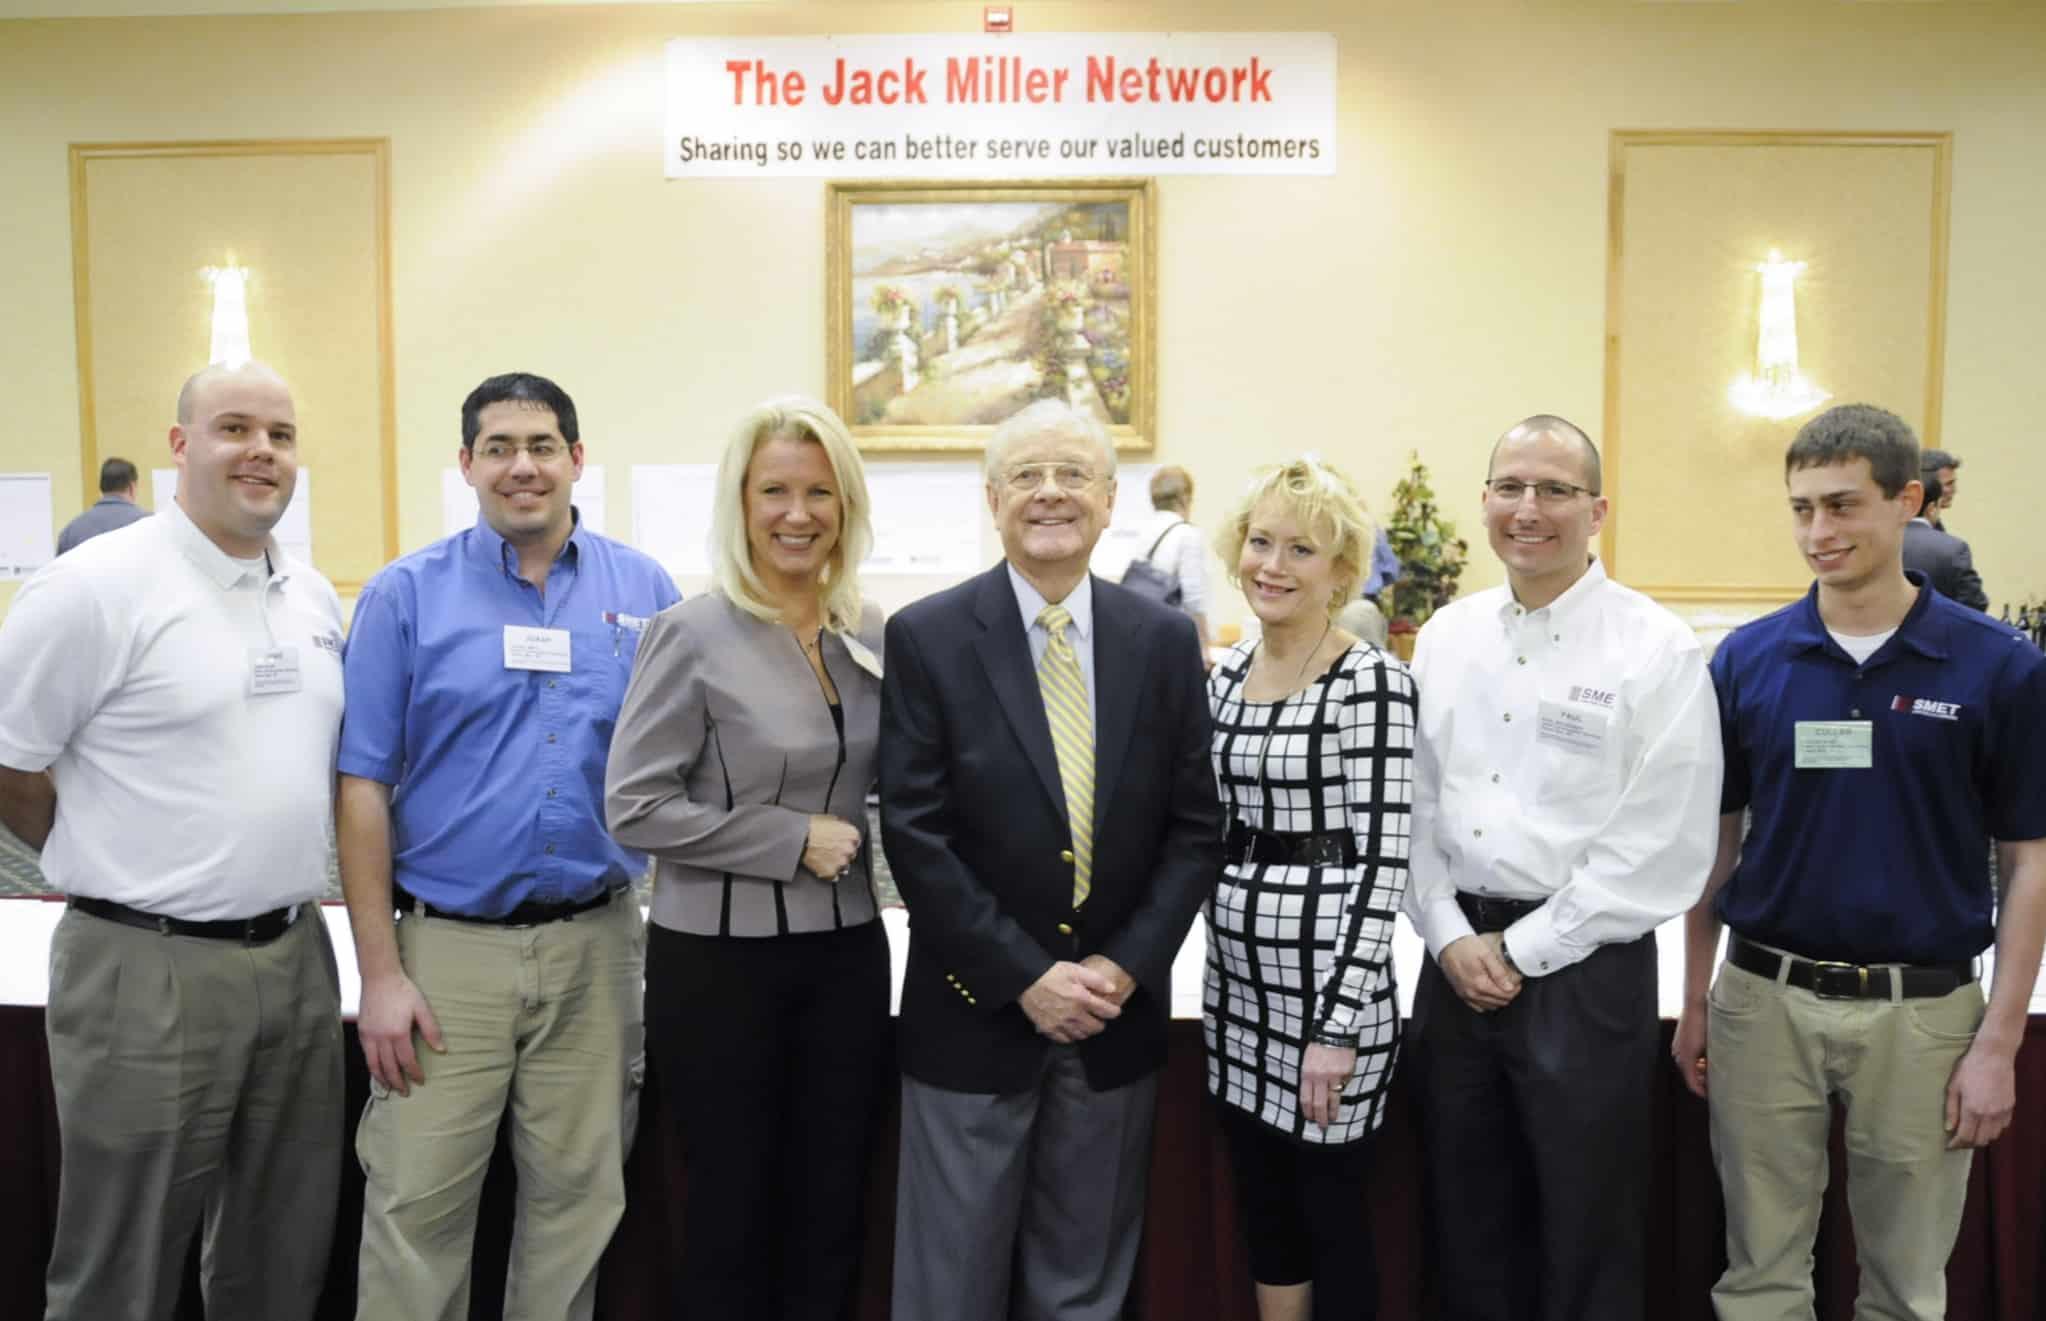 The Smet Team from left to right: Jamie Blom, Joash Smits, (Jack Miller Center), Karen Klevesahl, Paul Belschner & Cullan Smet